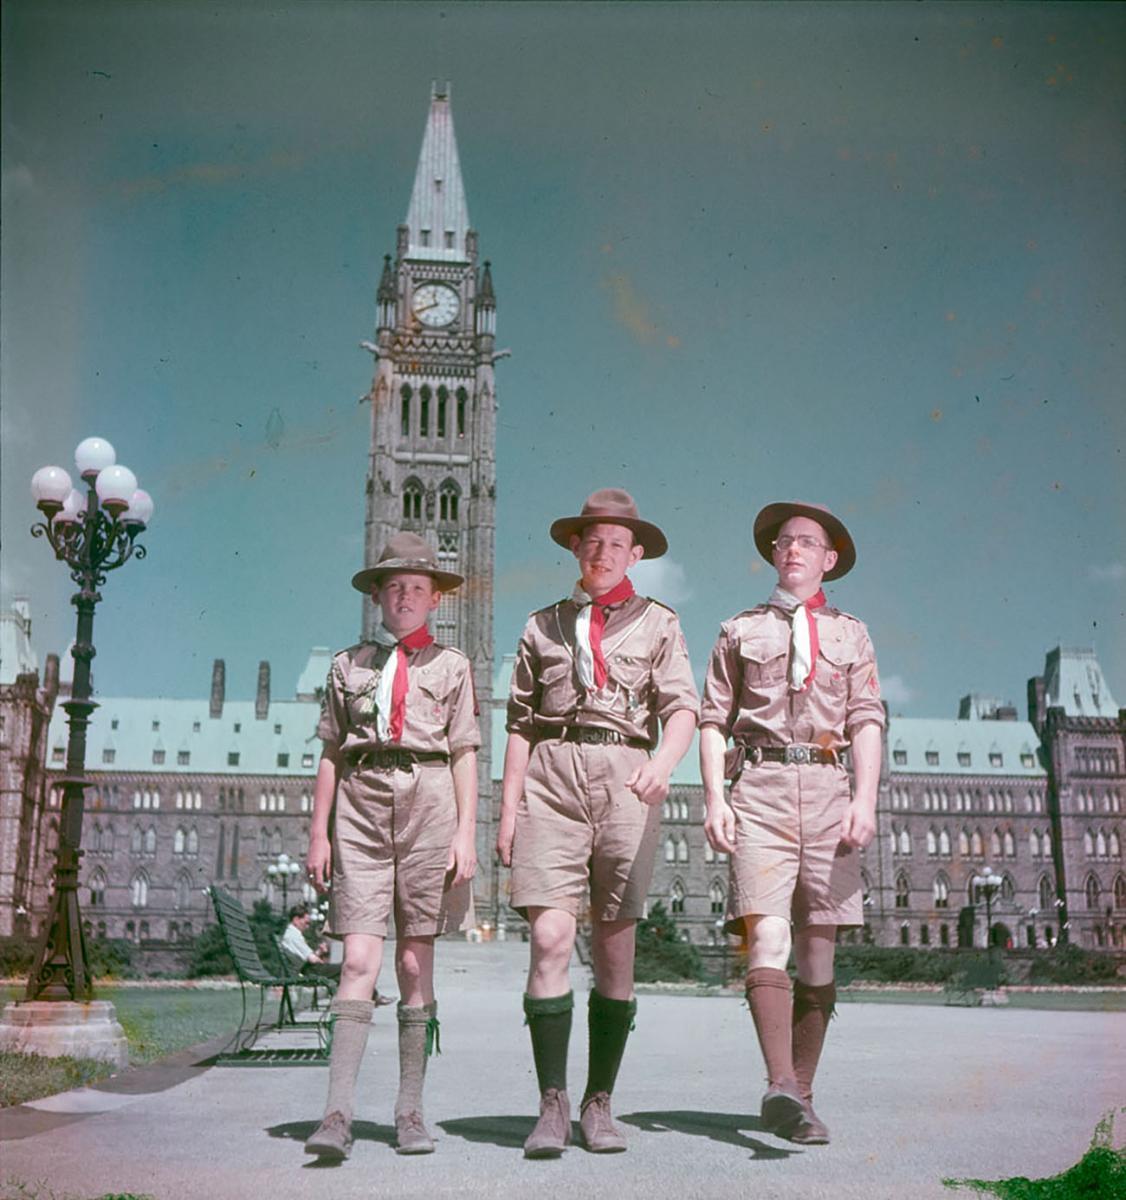 photographie couleur d'époque, trois garçons scouts devant le parlement